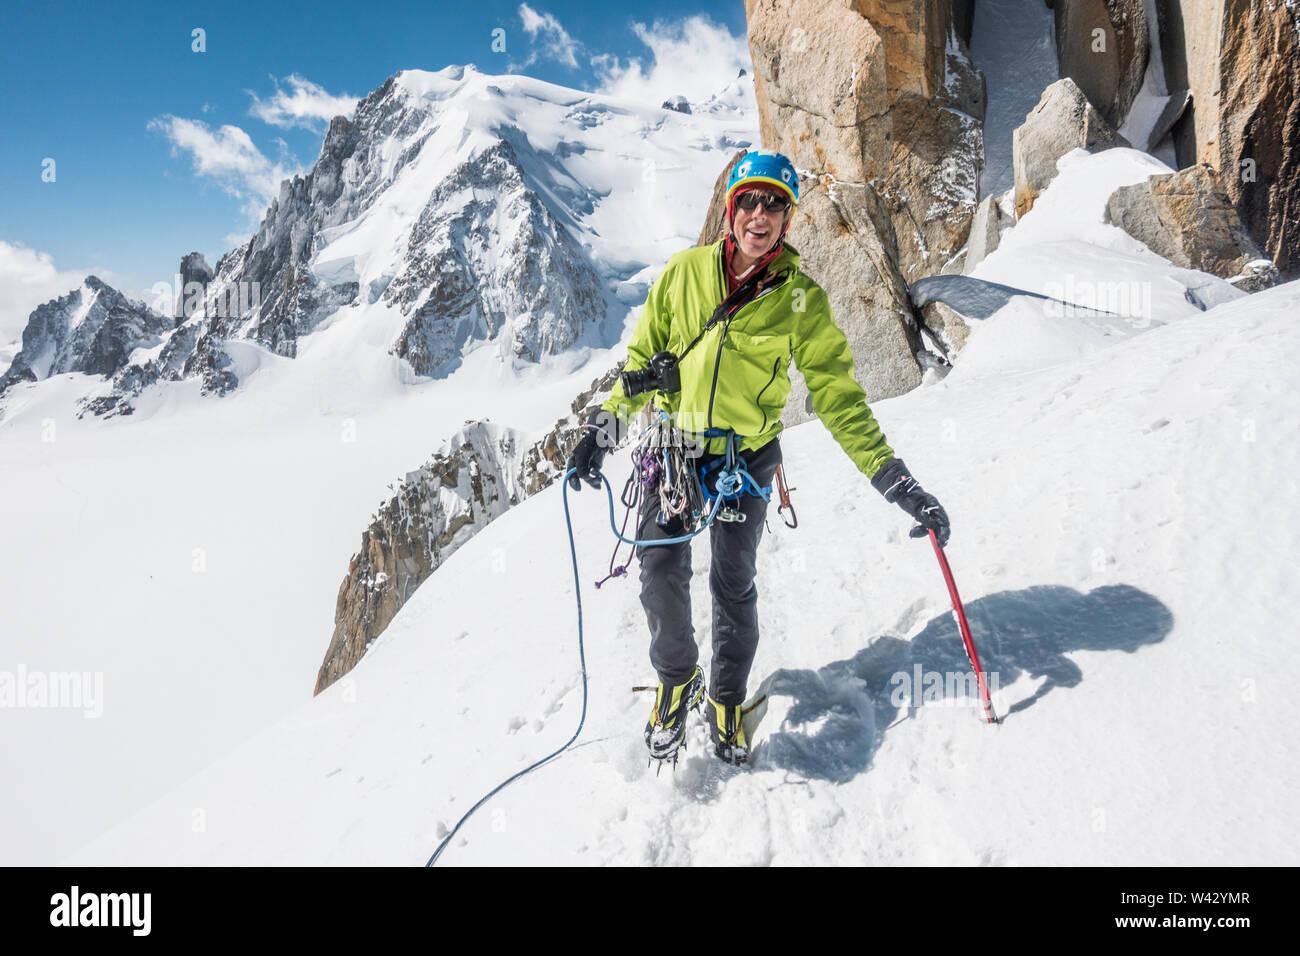 Un grimpeur sourit tout en profitant d'une grande conditions dans les Alpes Françaises Banque D'Images